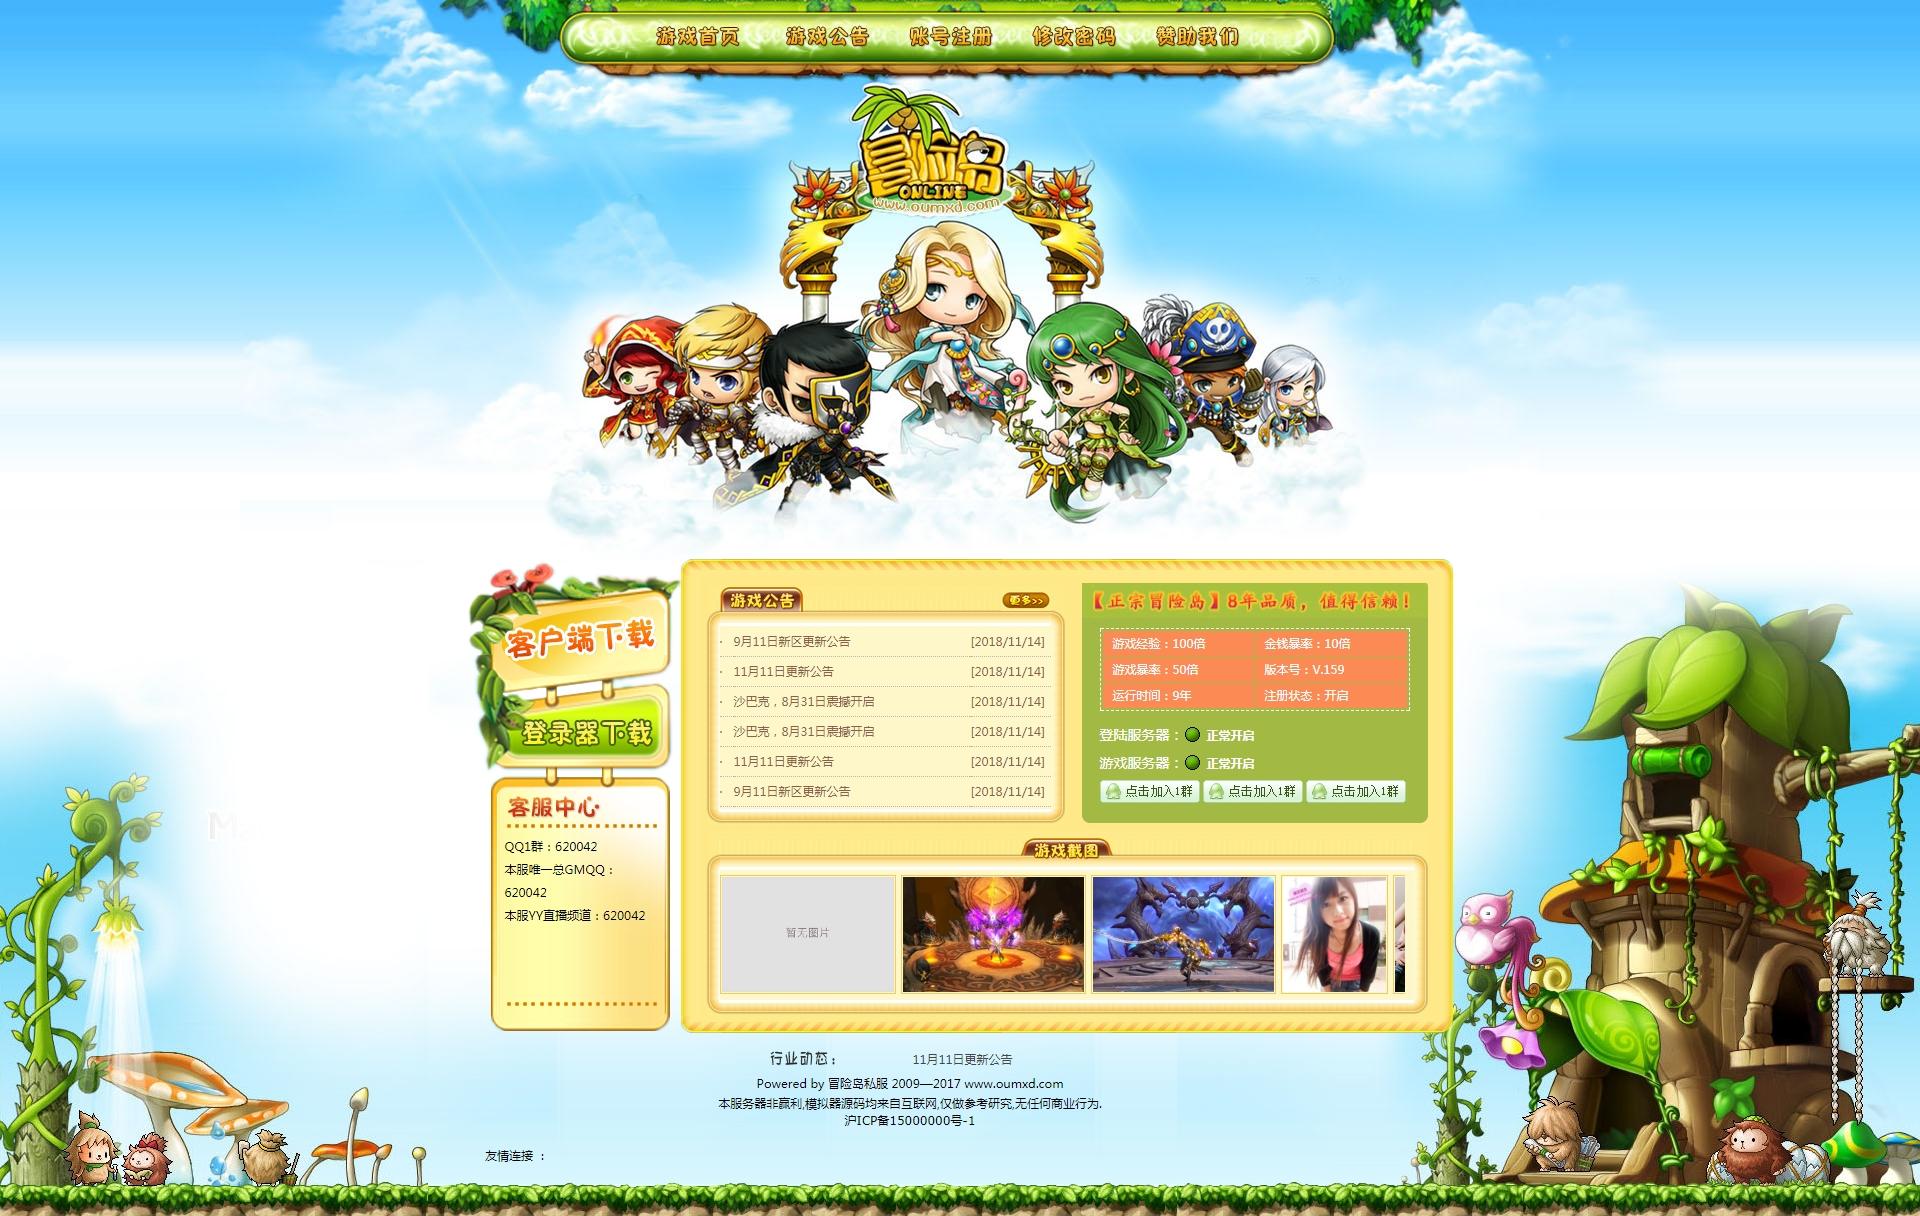 正宗冒险岛官方网站 ASP游戏网站源码网站 冒险岛网站源码